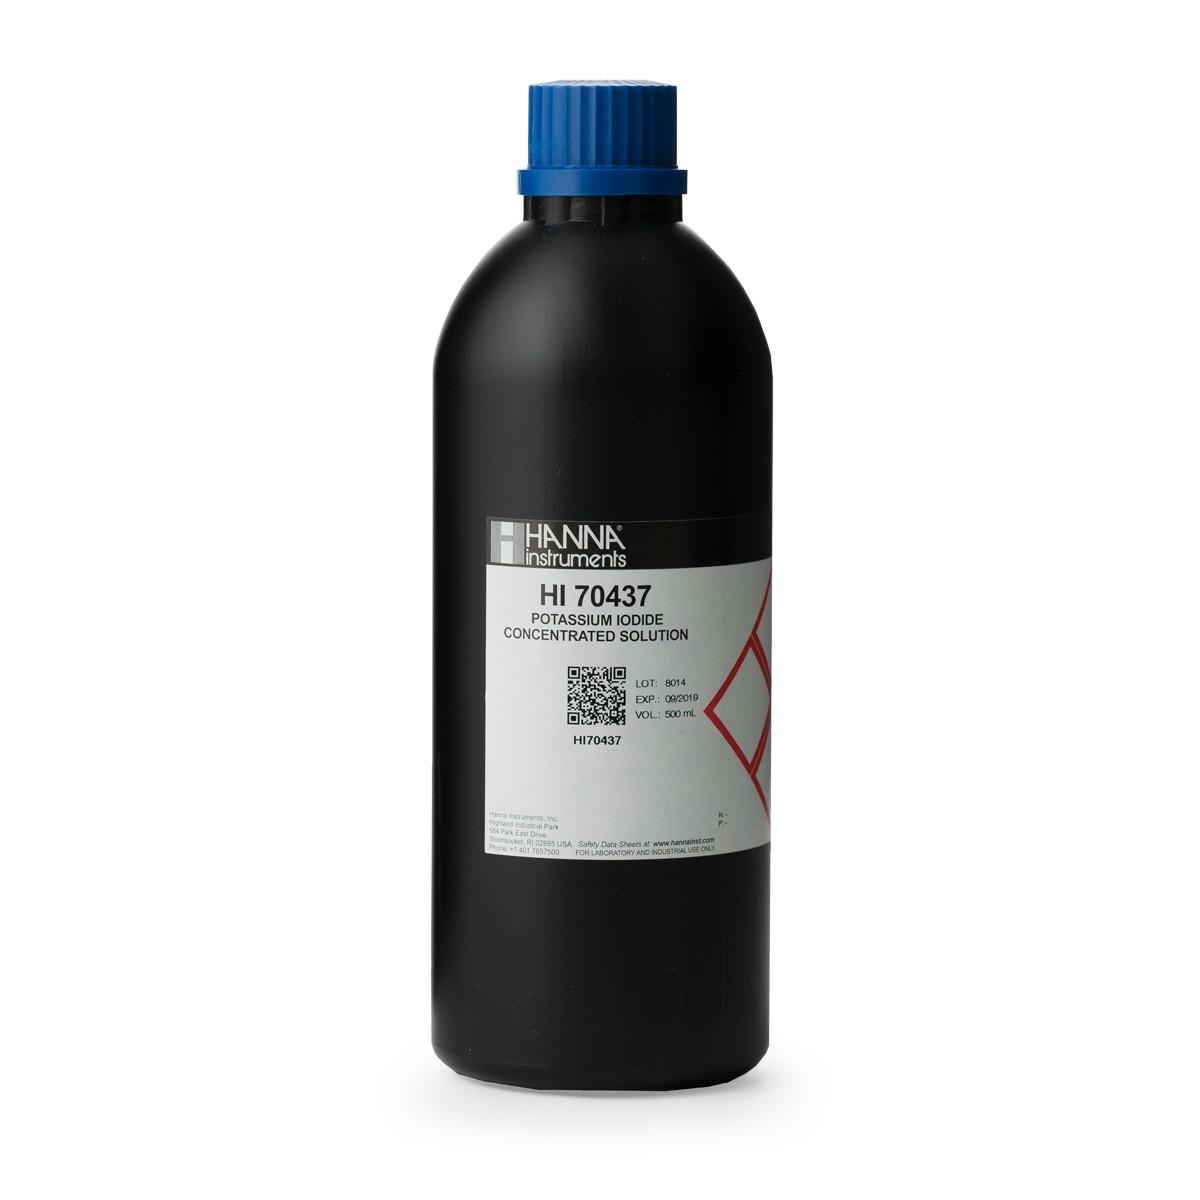 Concentrated Potassium Iodide Reagent 30%, 500 mL - HI70437